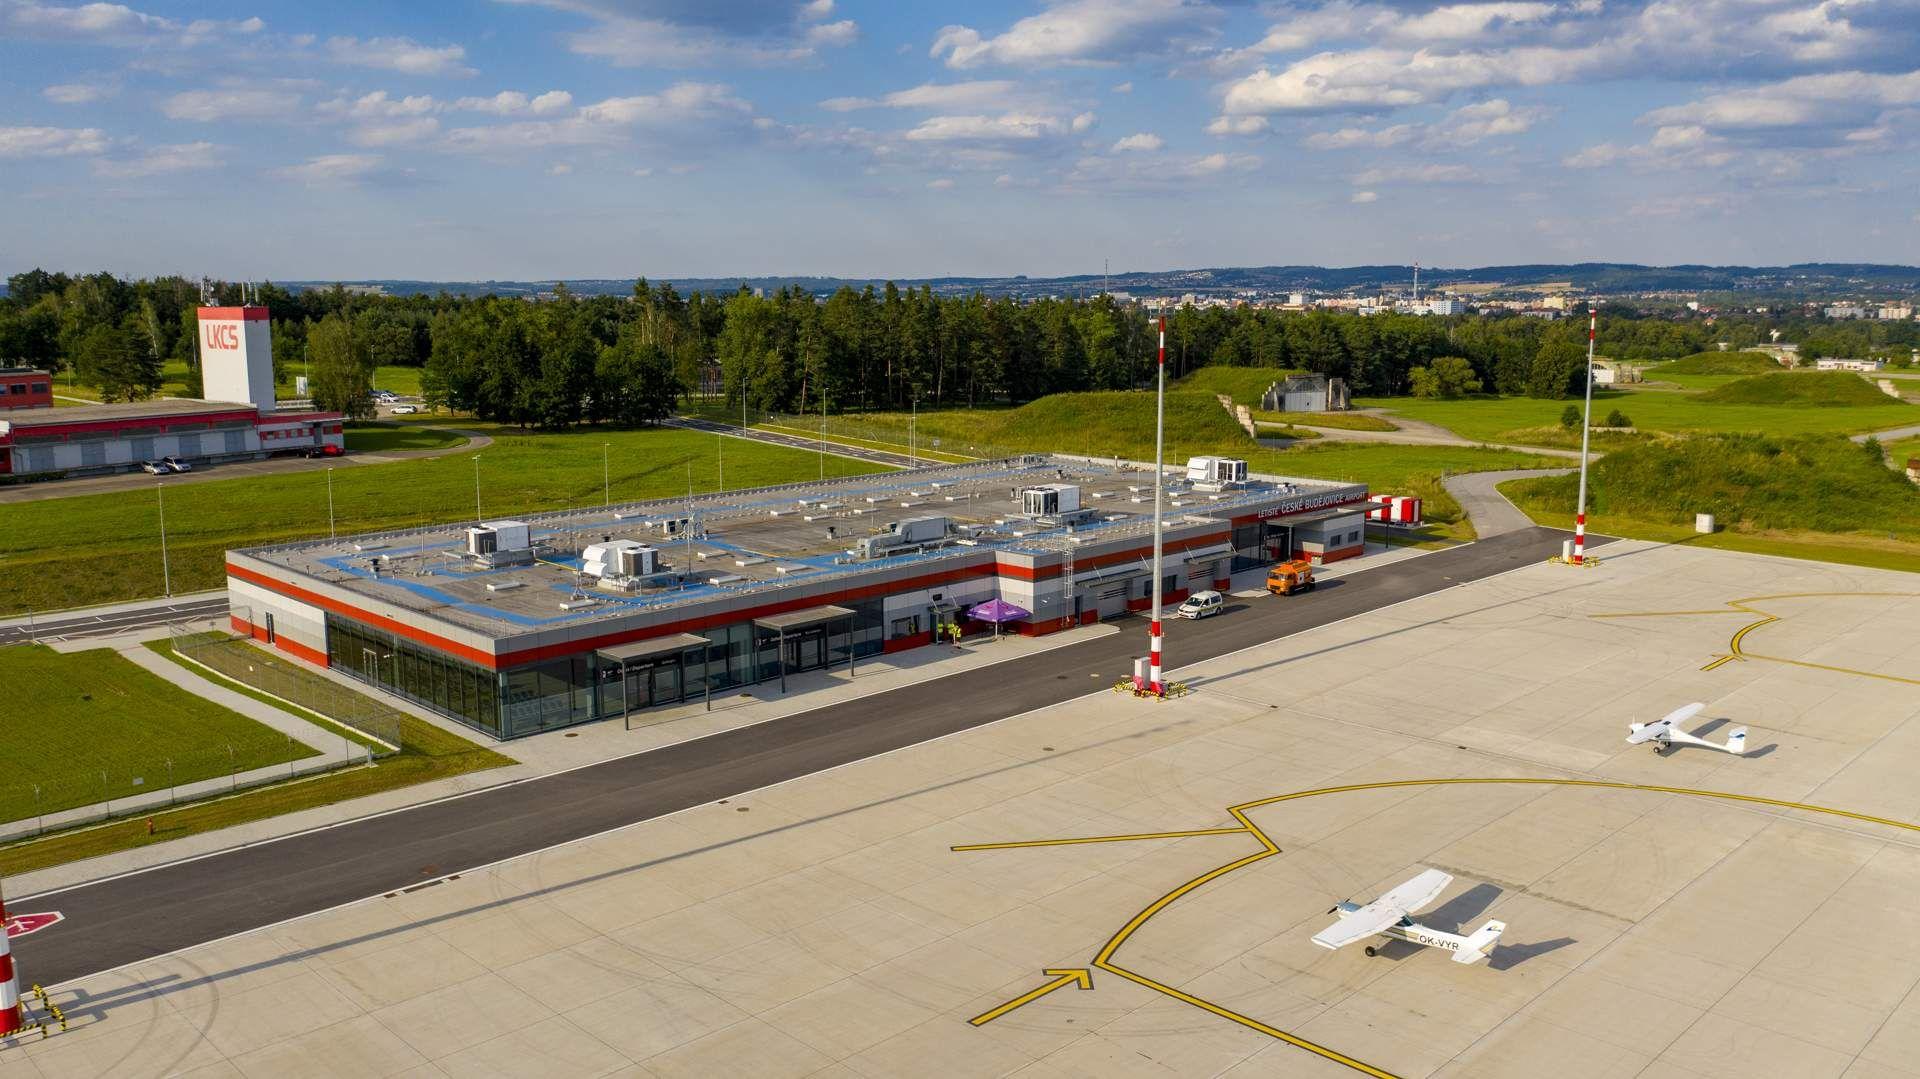 Nový terminál Jihočeského letiště České Budějovice. Pramen: Jihočeské letiště České Budějovice